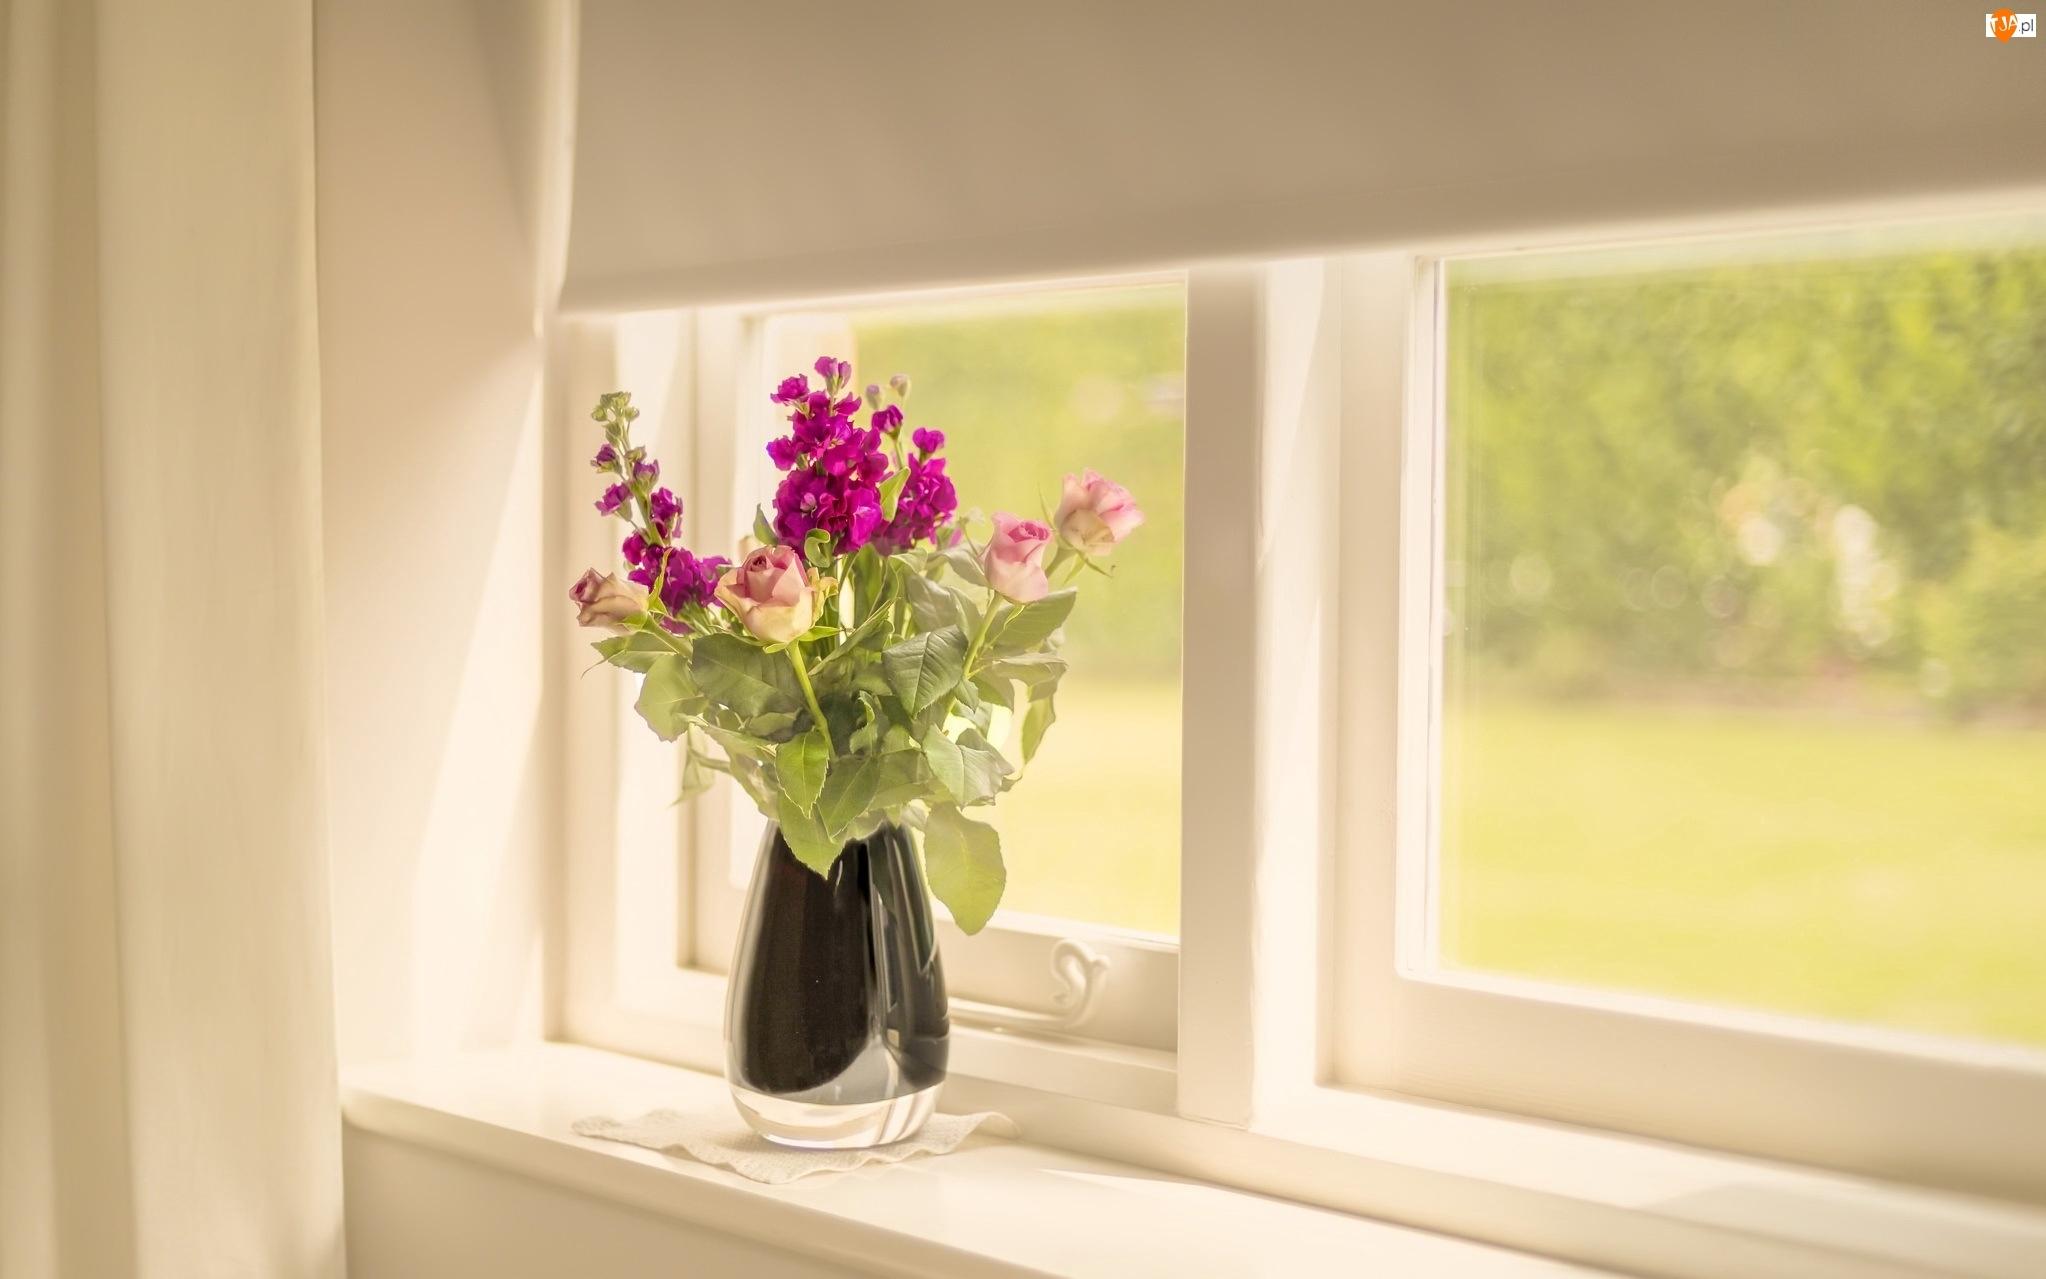 Bukiet, Wazonik, Dekoracja, Okno, Kwiaty, Róże